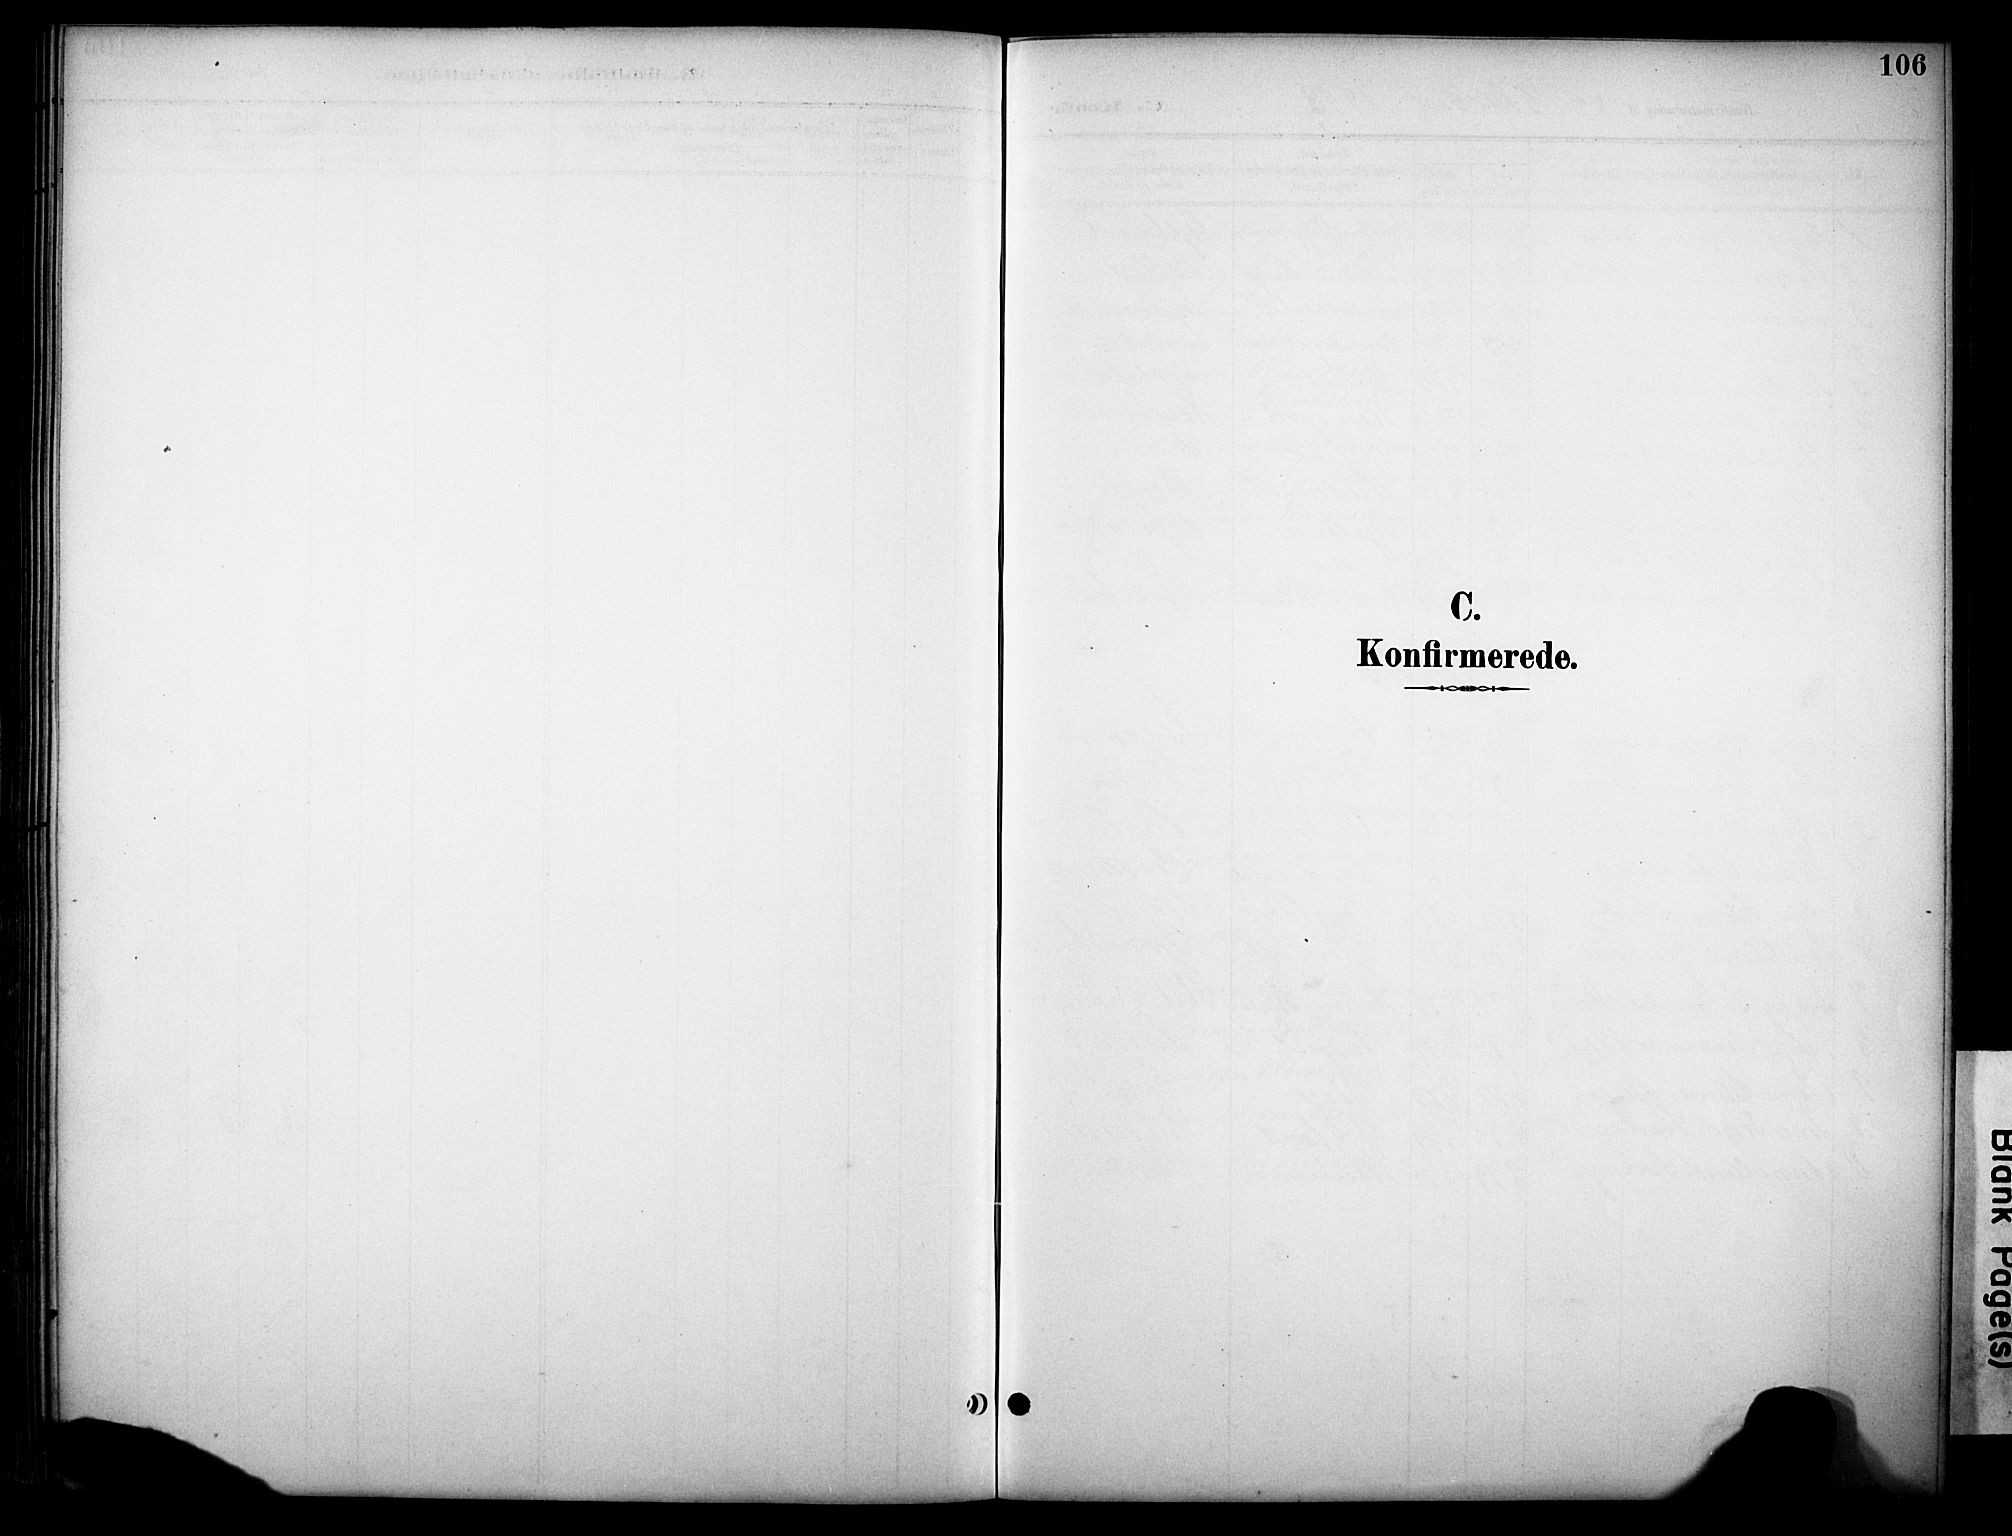 SAKO, Kviteseid kirkebøker, G/Gb/L0003: Klokkerbok nr. II 3, 1893-1933, s. 106